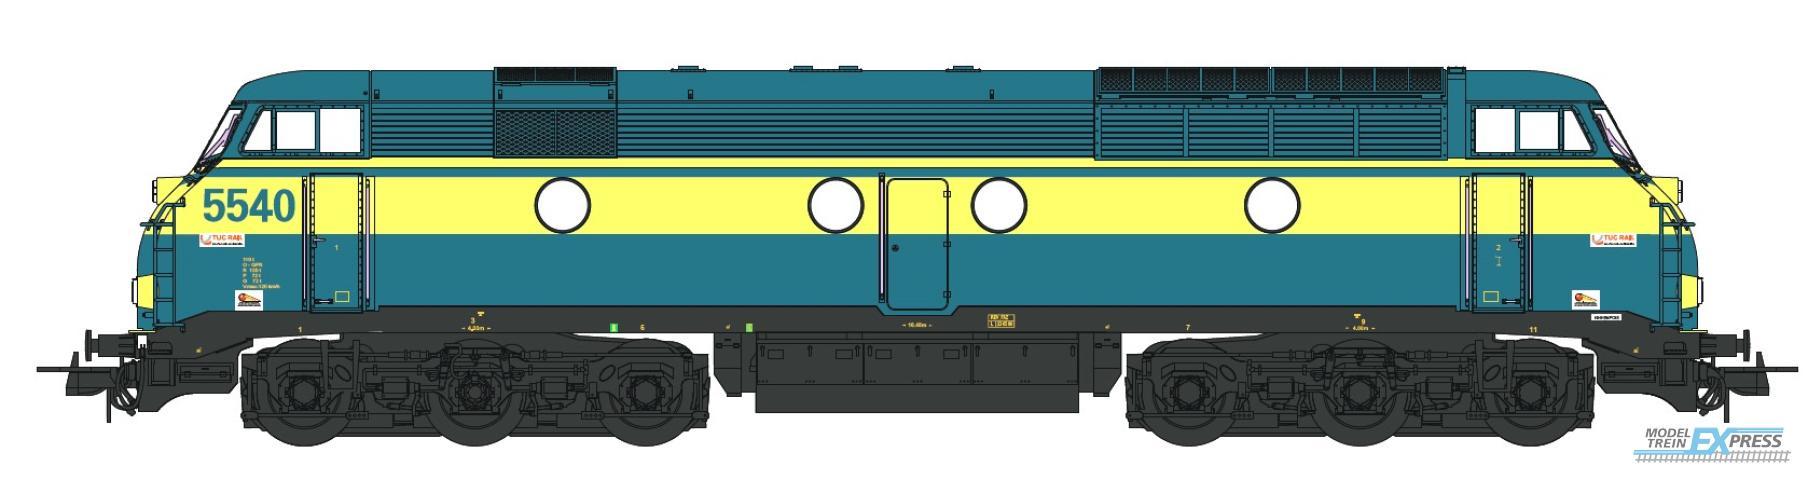 B-Models 21.124